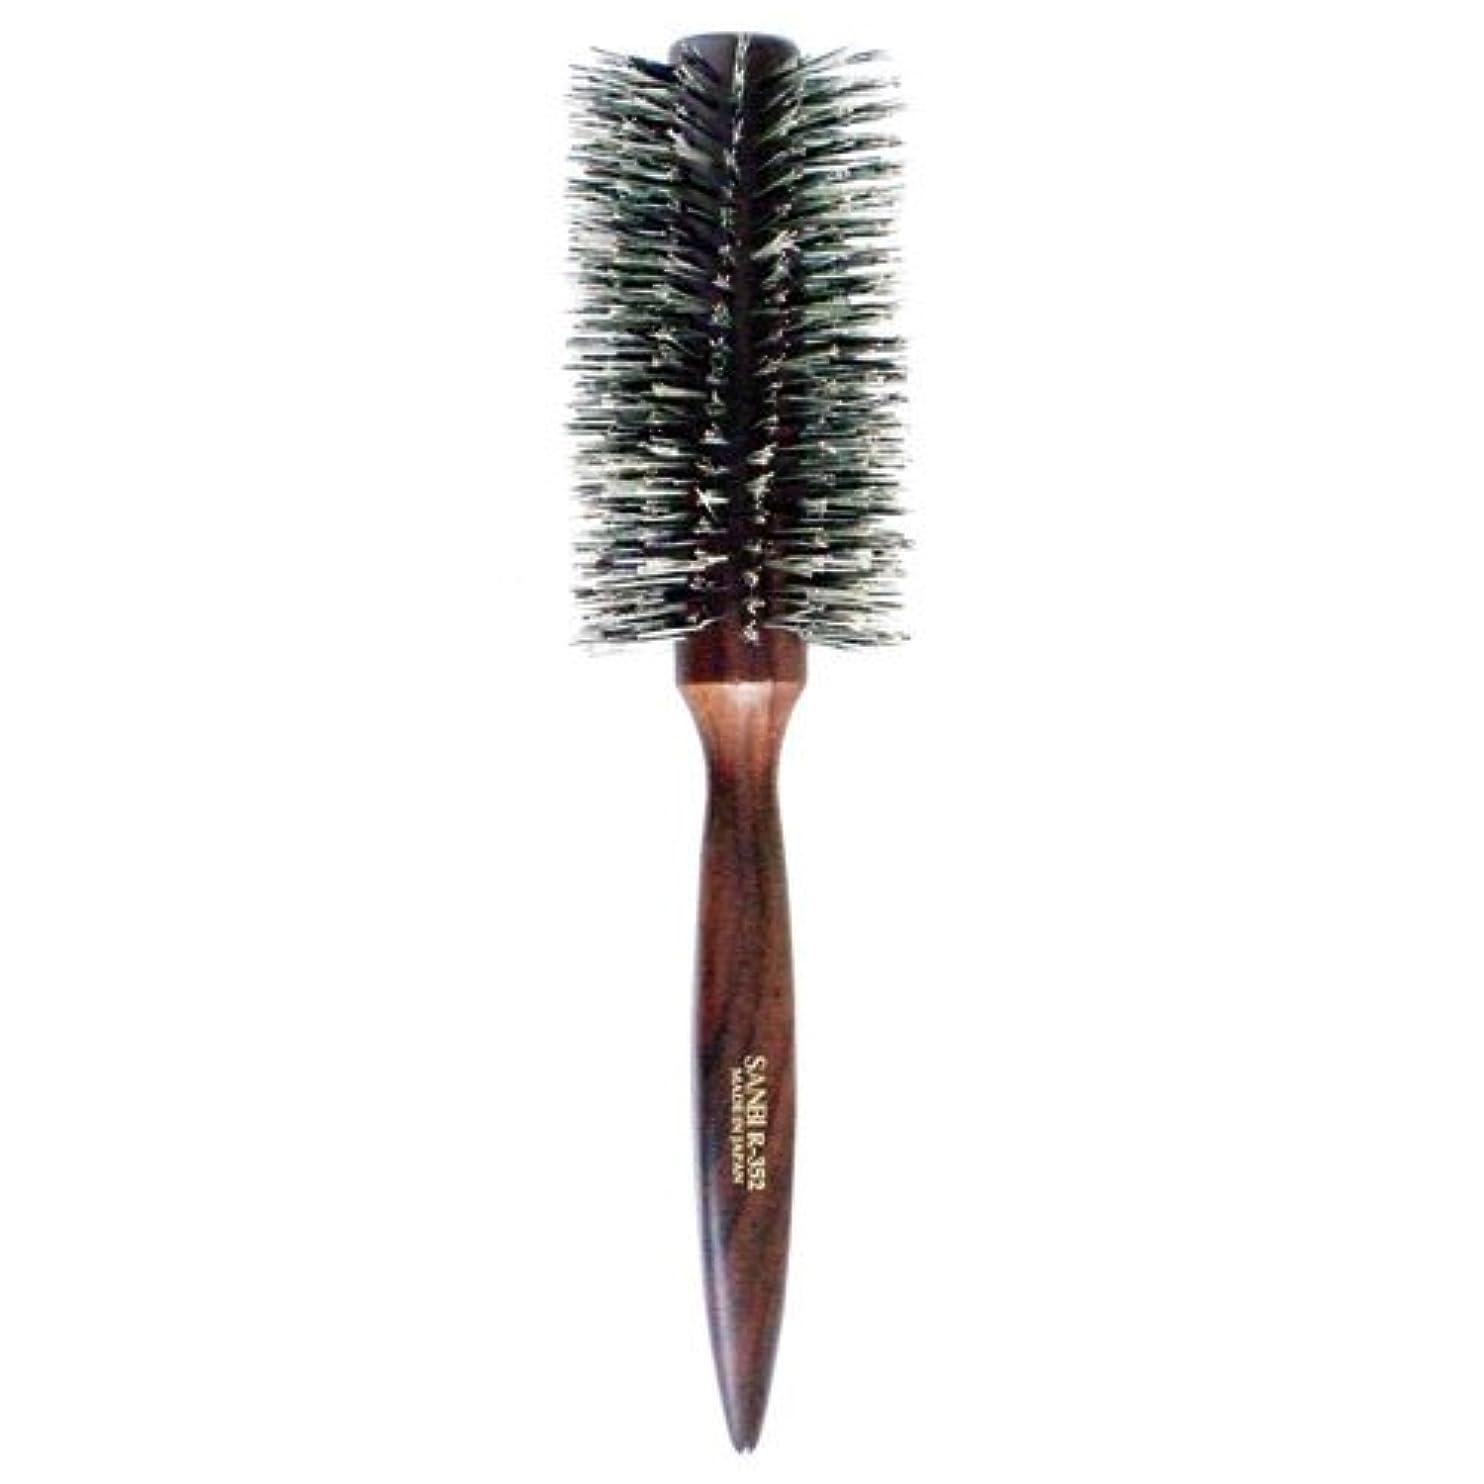 絶壁用量定期的なサンビー らせん植毛ロールブラシ R-352